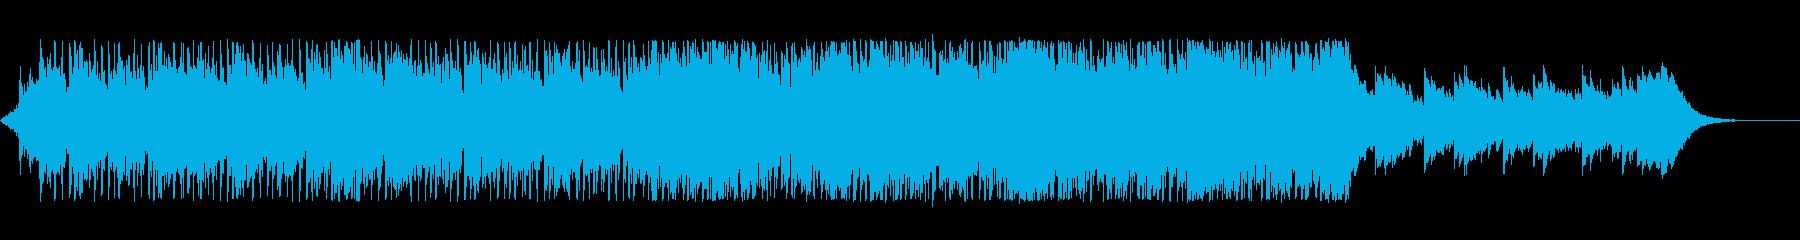 ピアノ/悲しい/ゆっくり/ゆったりテクノの再生済みの波形